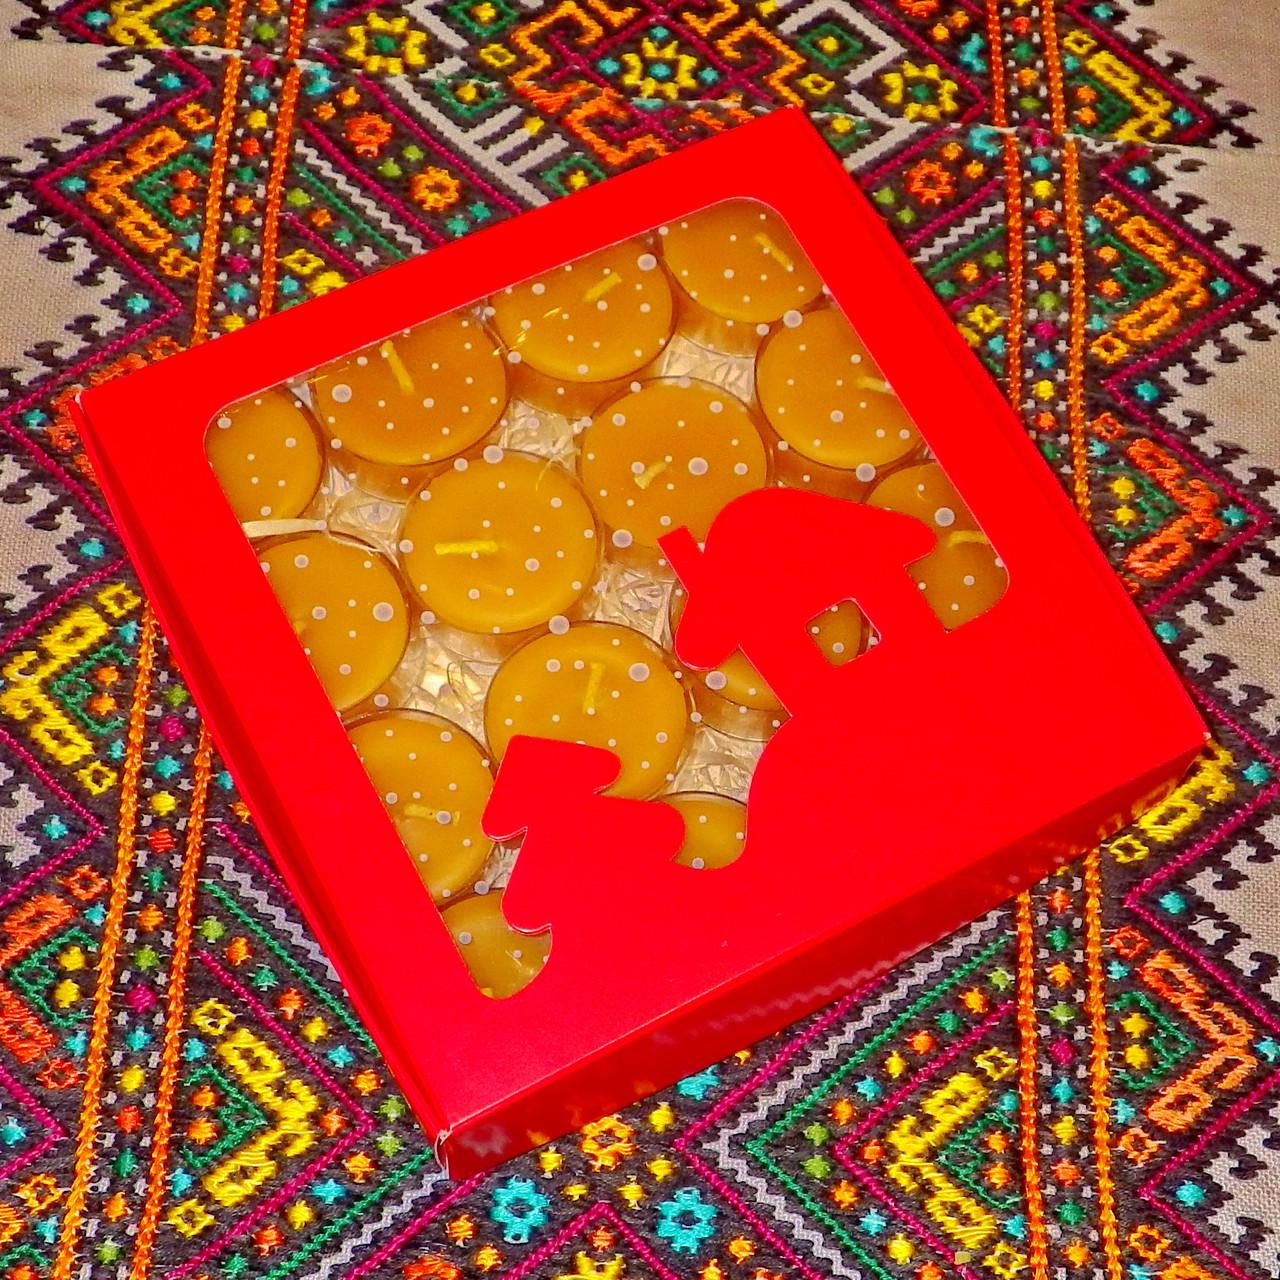 Подарочный набор круглых чайных восковых свечей 15г (16шт.) в коробке Красный Домик